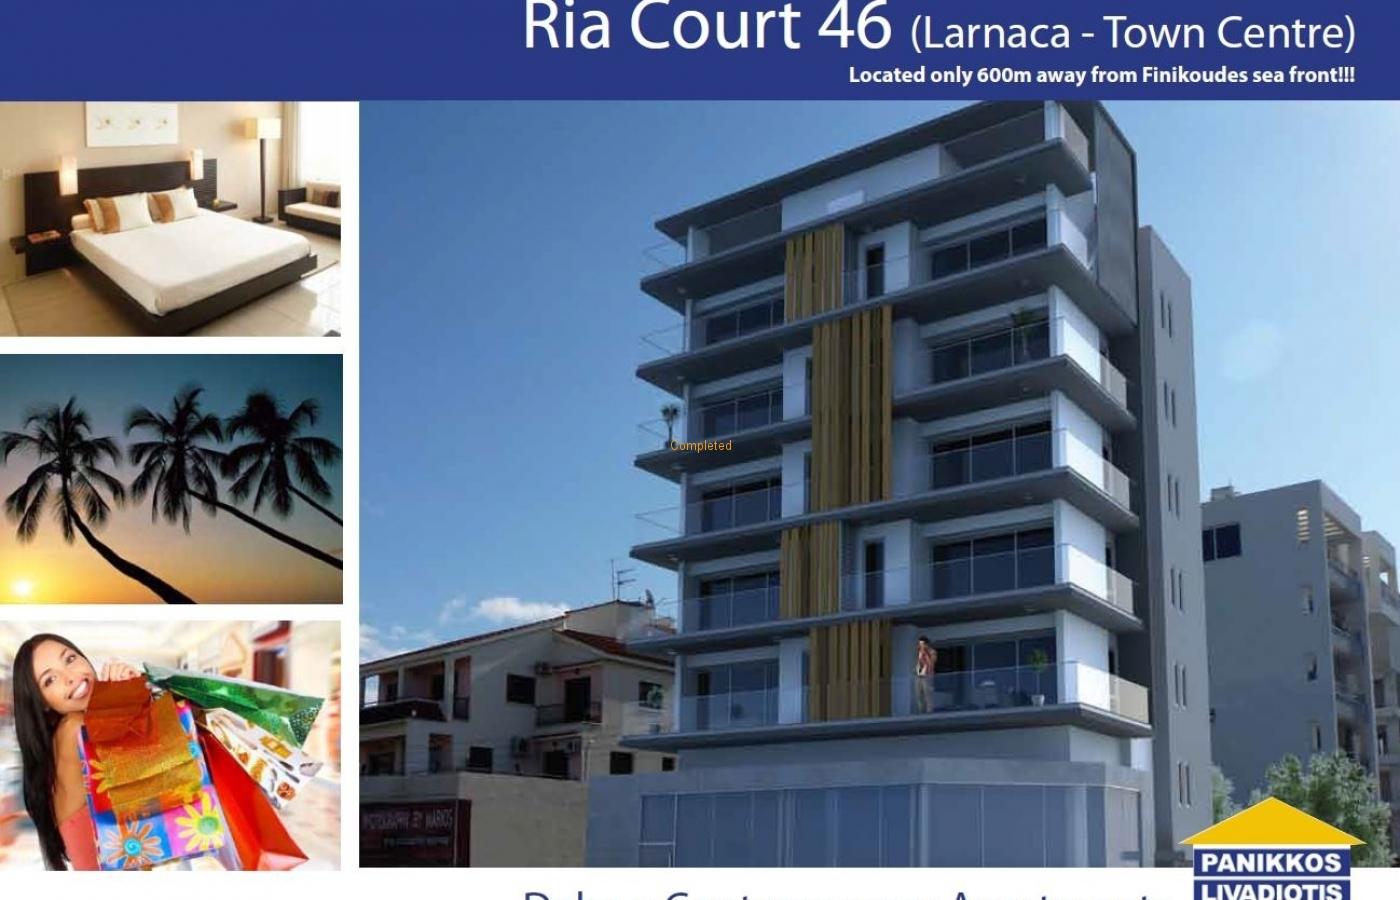 Ria Court 46